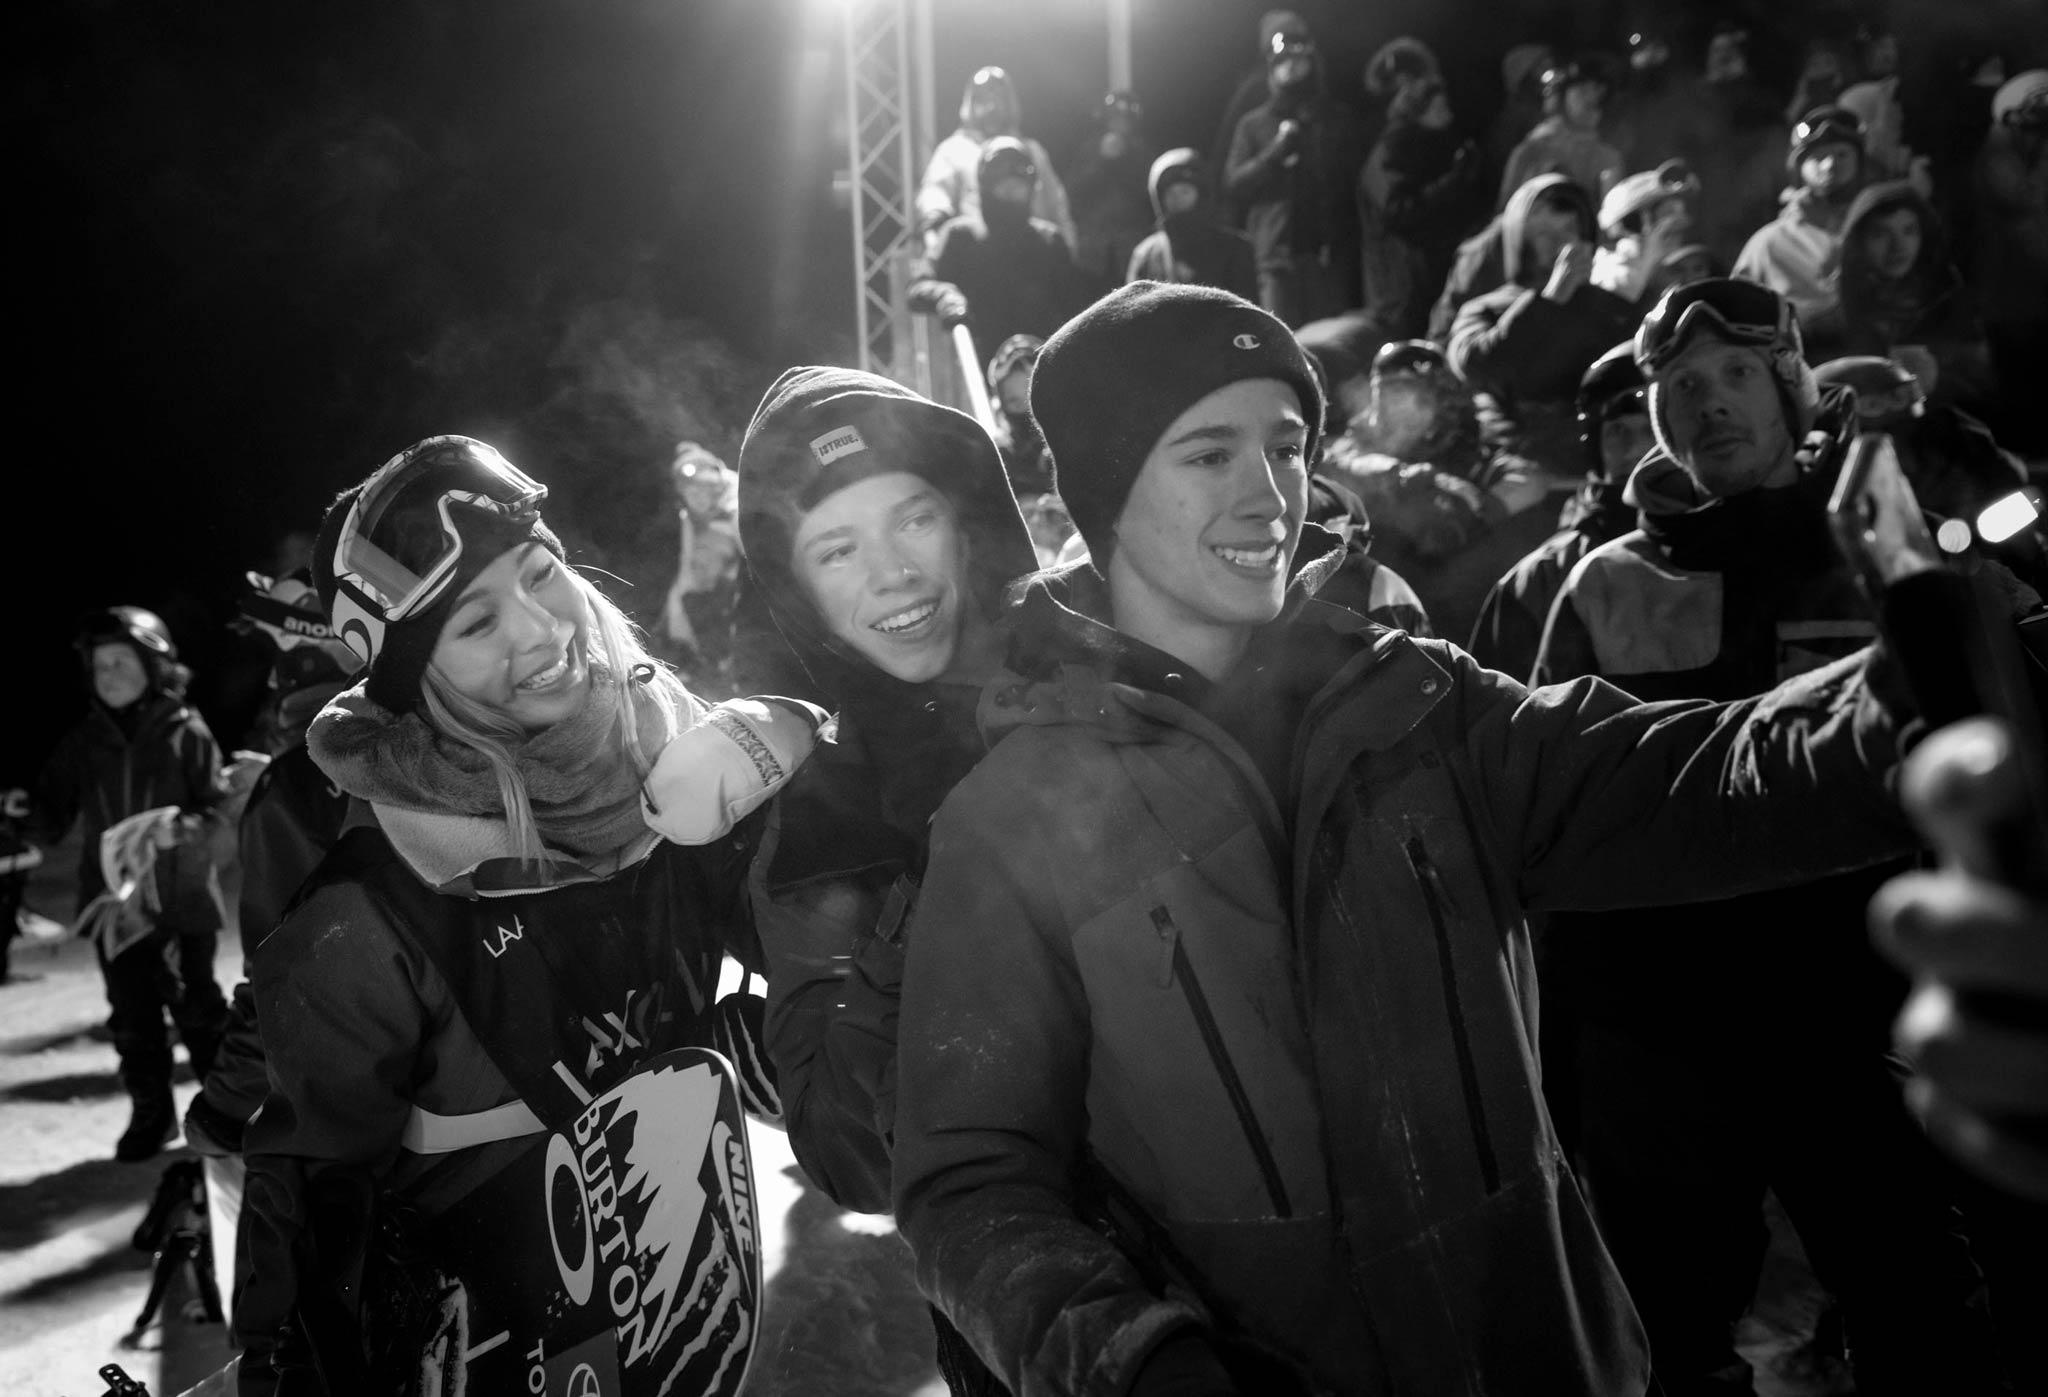 Auch 2020 werden wieder viele weltweit bekannte Pros an den Contests im Rahmen der LAAX Open teilnehmen - eure Selfie Chance! - Foto: Stadler